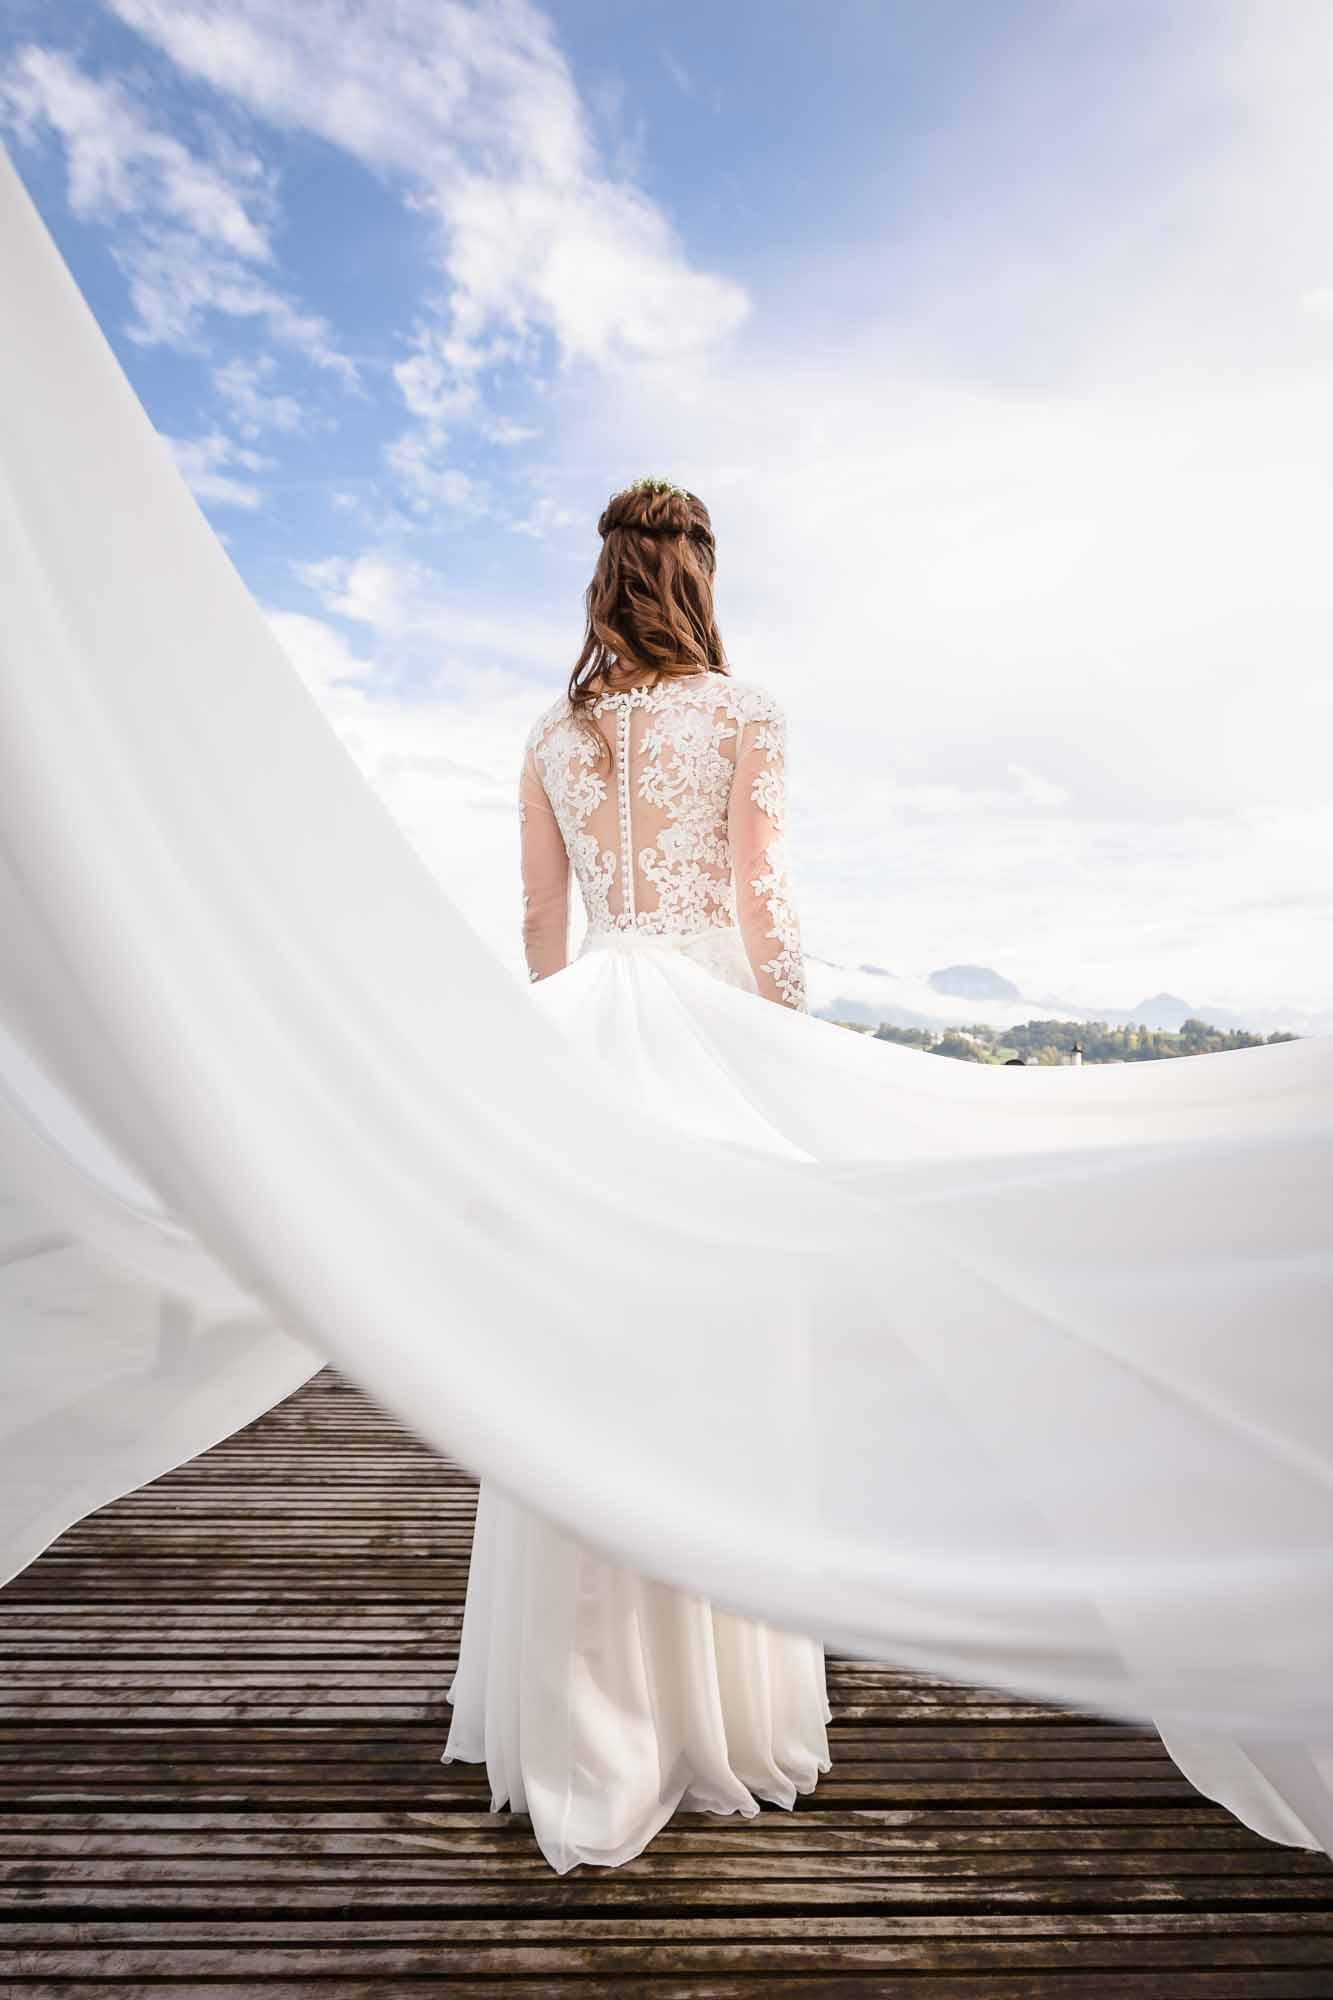 Schleppe vom Brautkleid fliegt durch die Luft